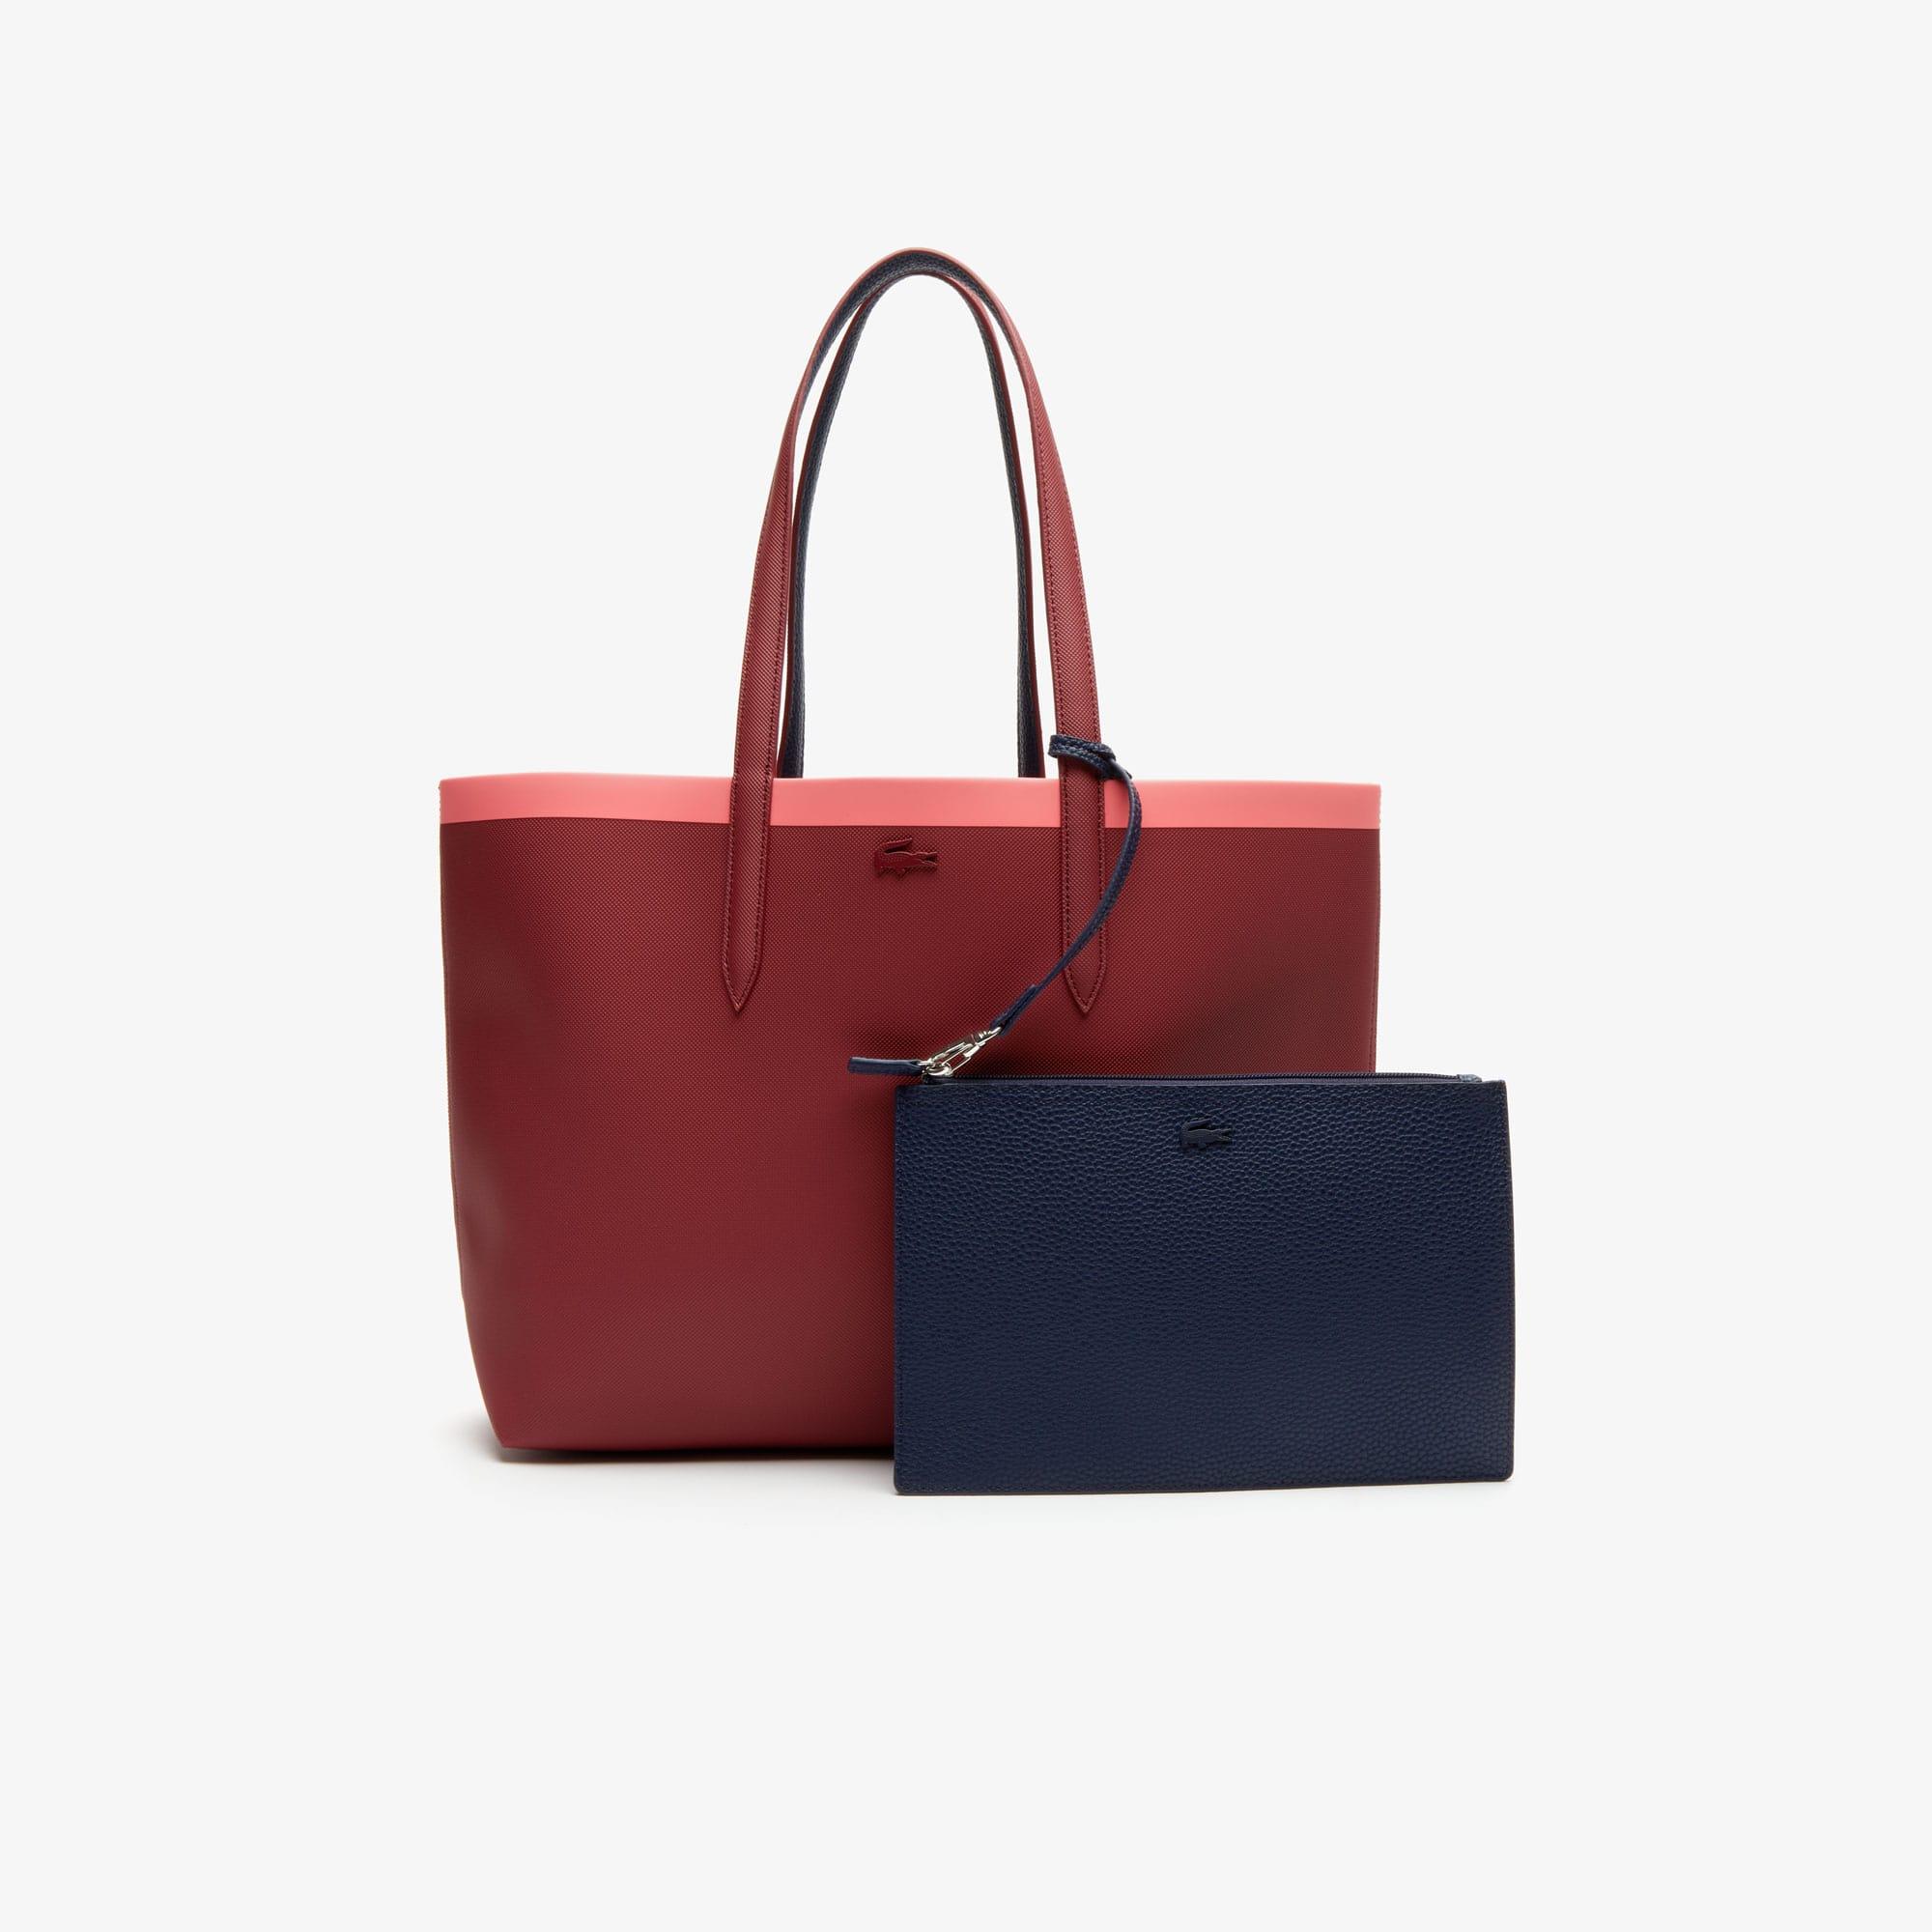 Großhändler 4db30 2347a Polos, Kleidung und Lederwaren Online | LACOSTE